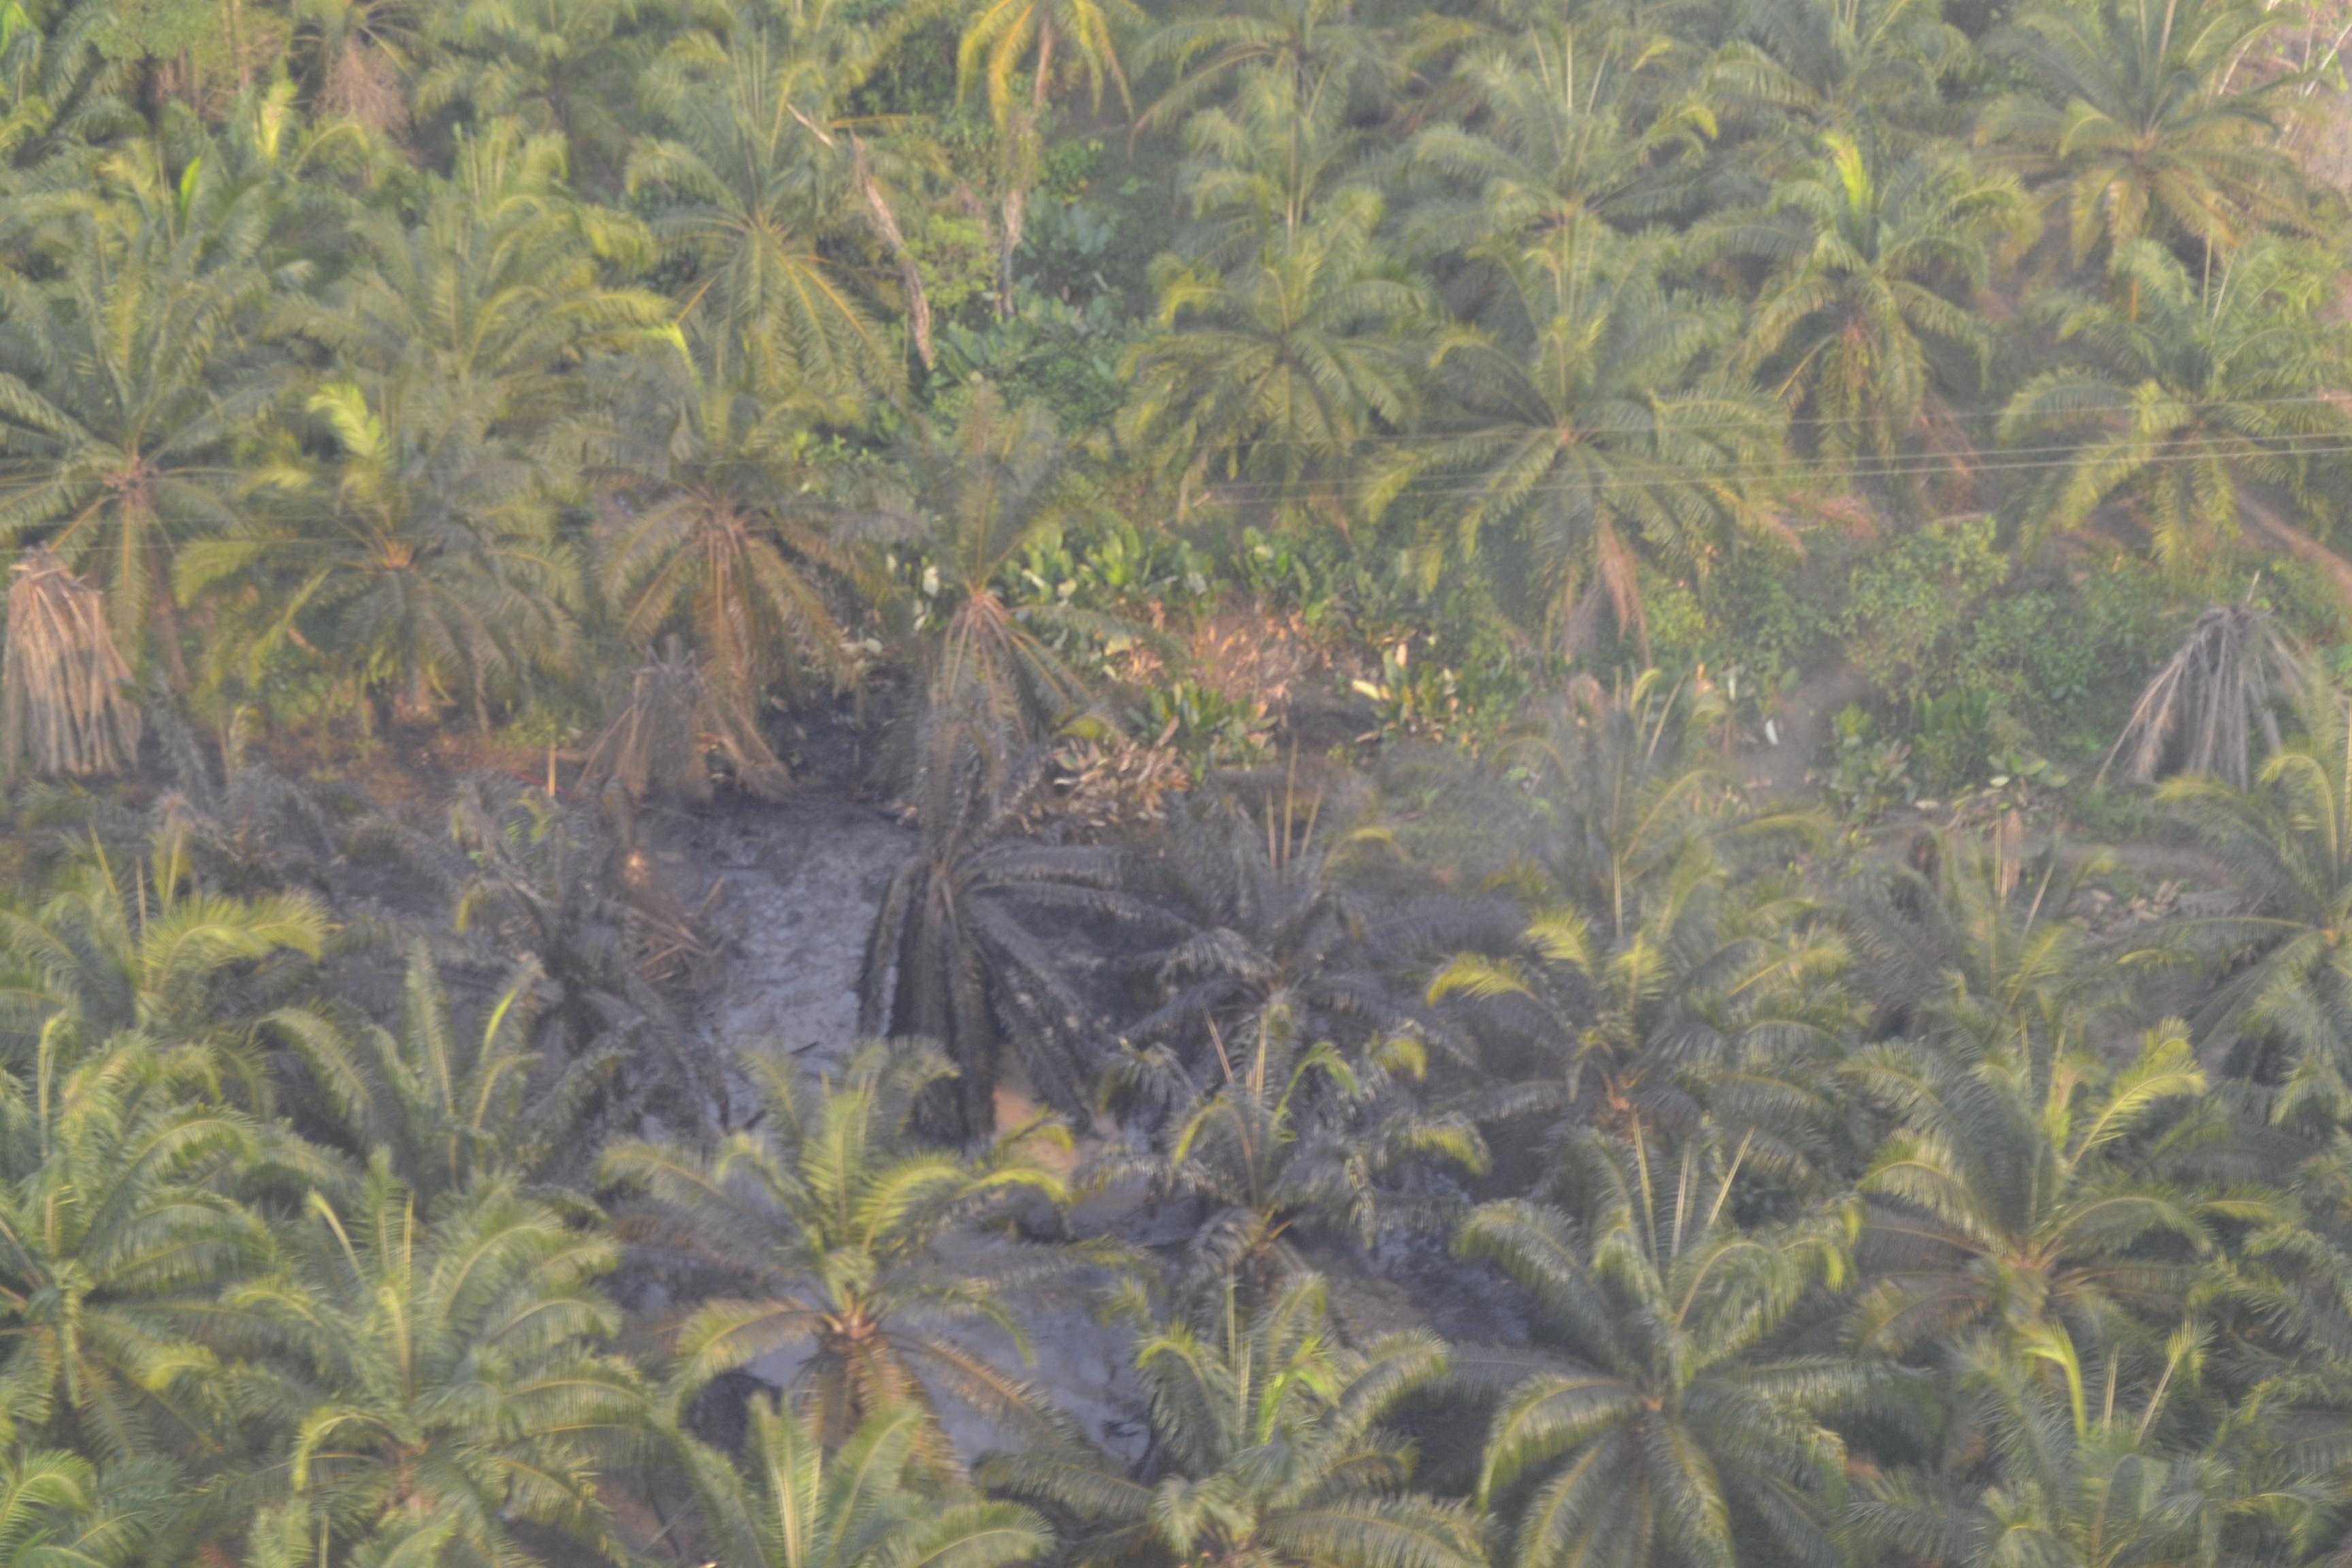 Así se ve desde el aire el lugar del afloramiento de petróleo. /María Paula Rubiano - El Espectador